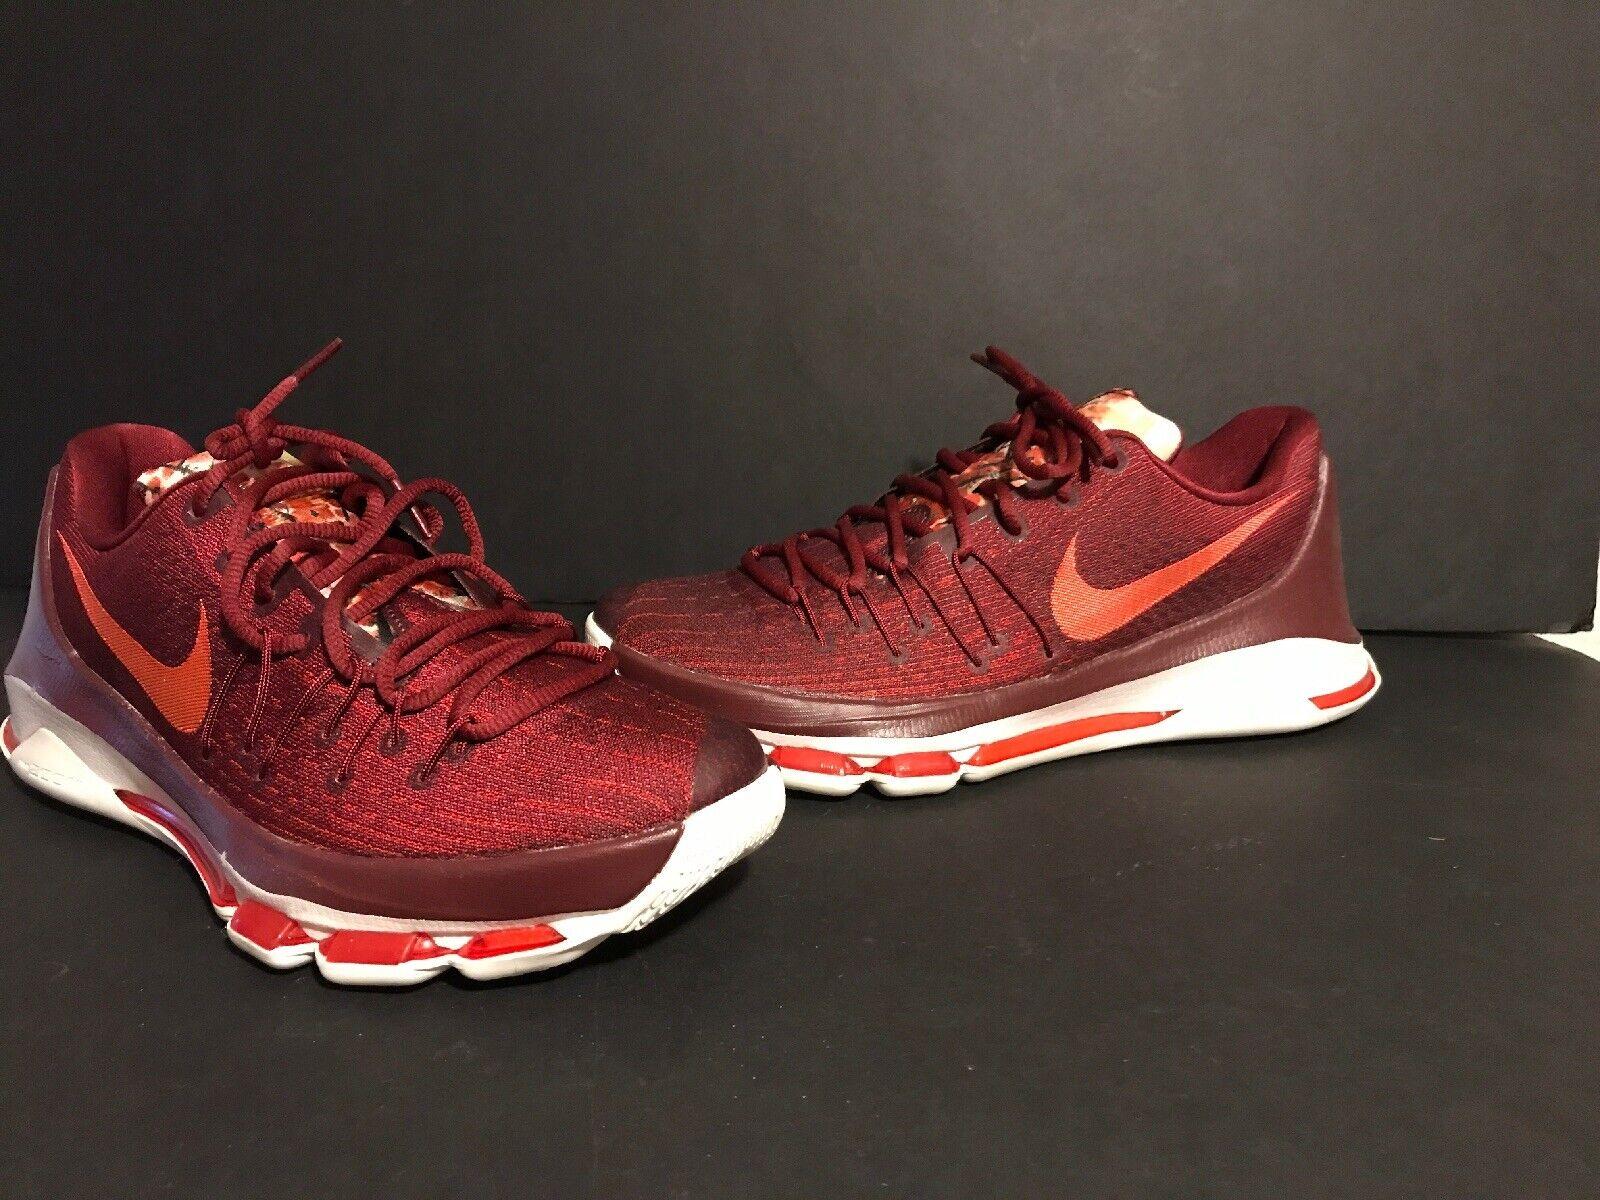 Nike KD 8 Team rosso Bright  Crimson Sail Molto Raro SZ 9.(749375 -661)  Spedizione gratuita al 100%